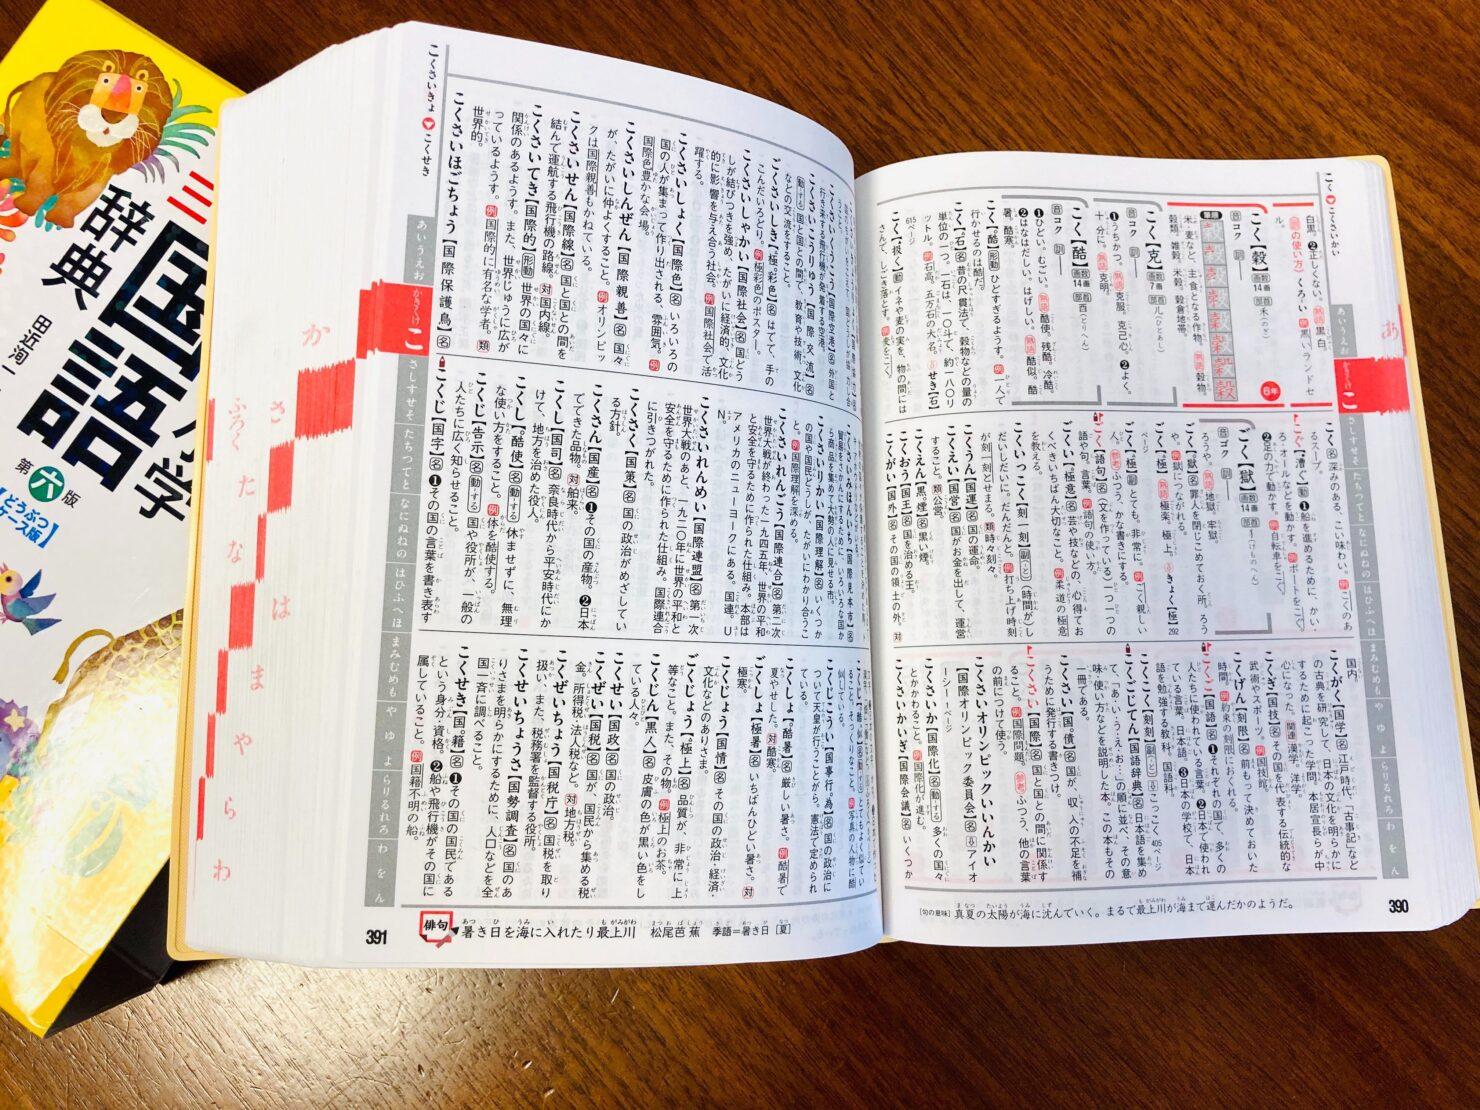 国語辞典のおすすめ11選! 小学生ママが教える選び方のコツと便利な辞書カバーとは?